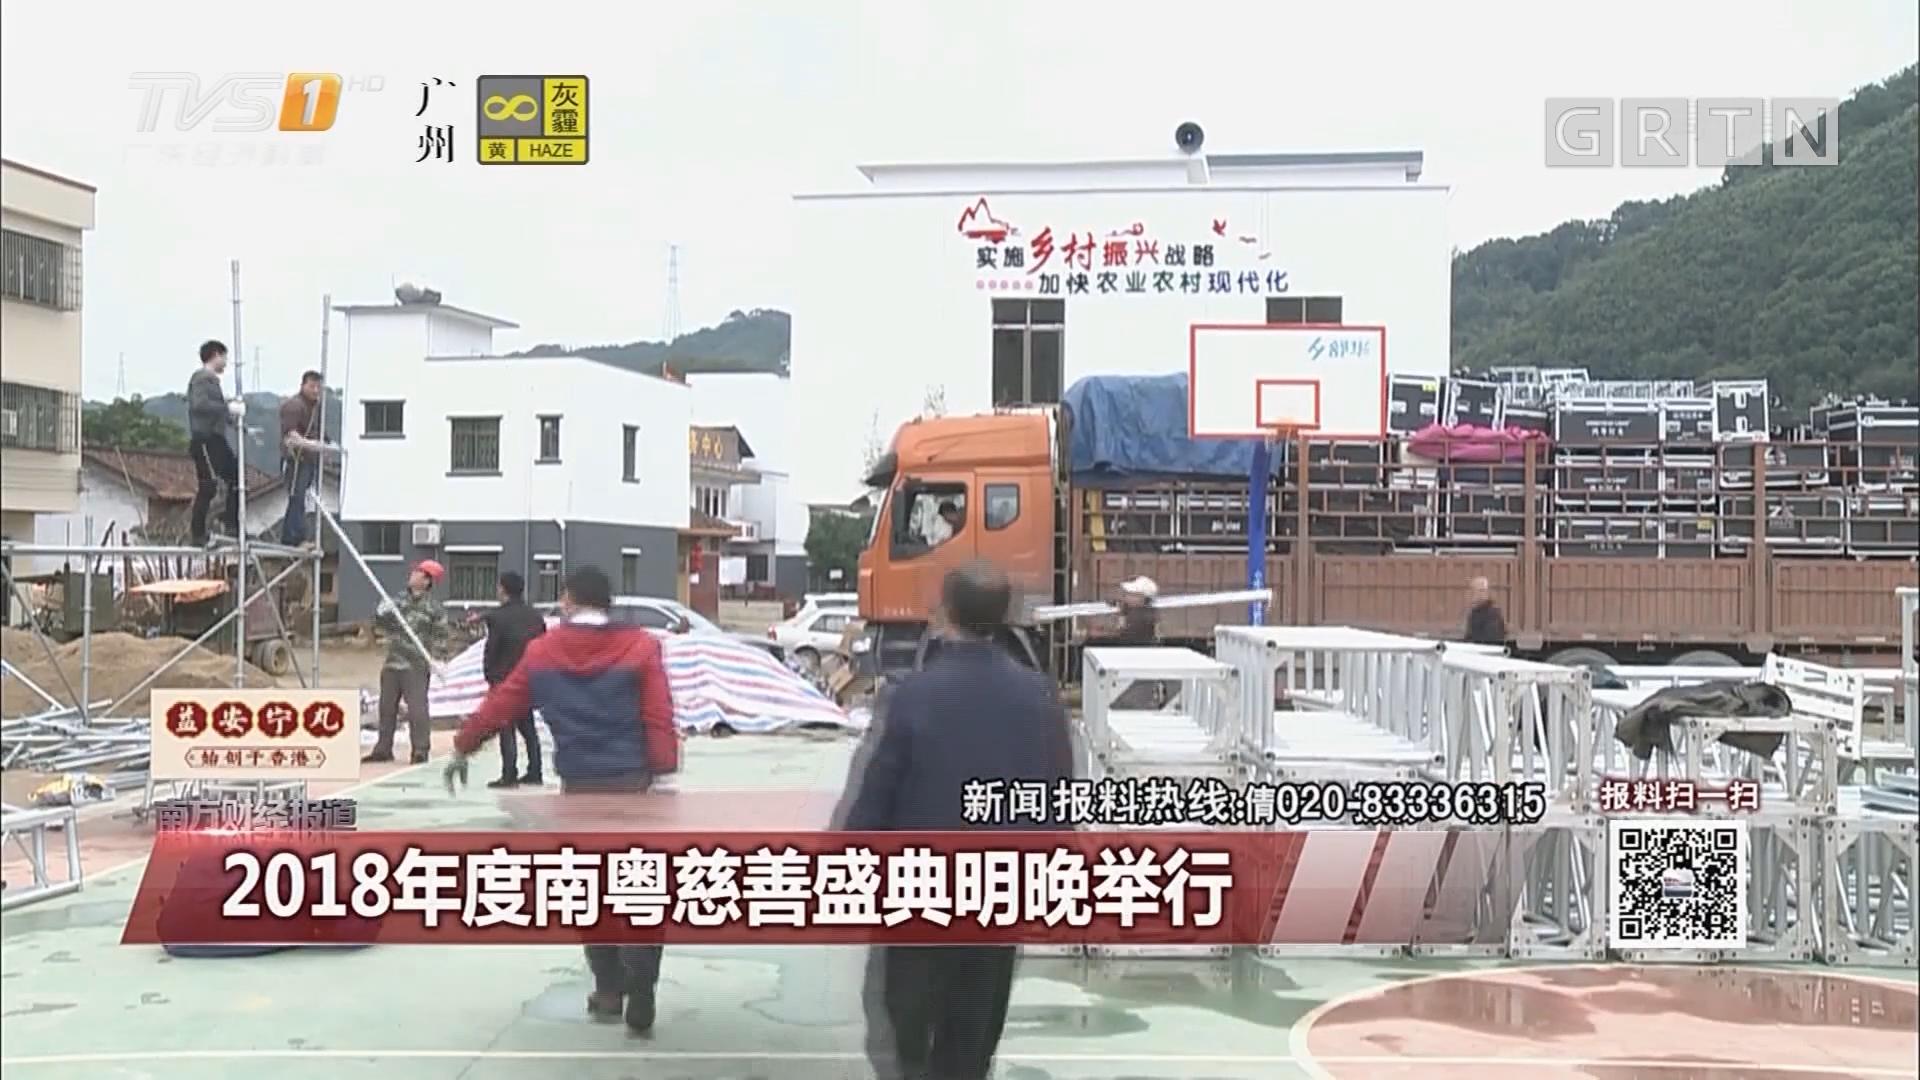 2018年度南粤慈善盛典明晚举行